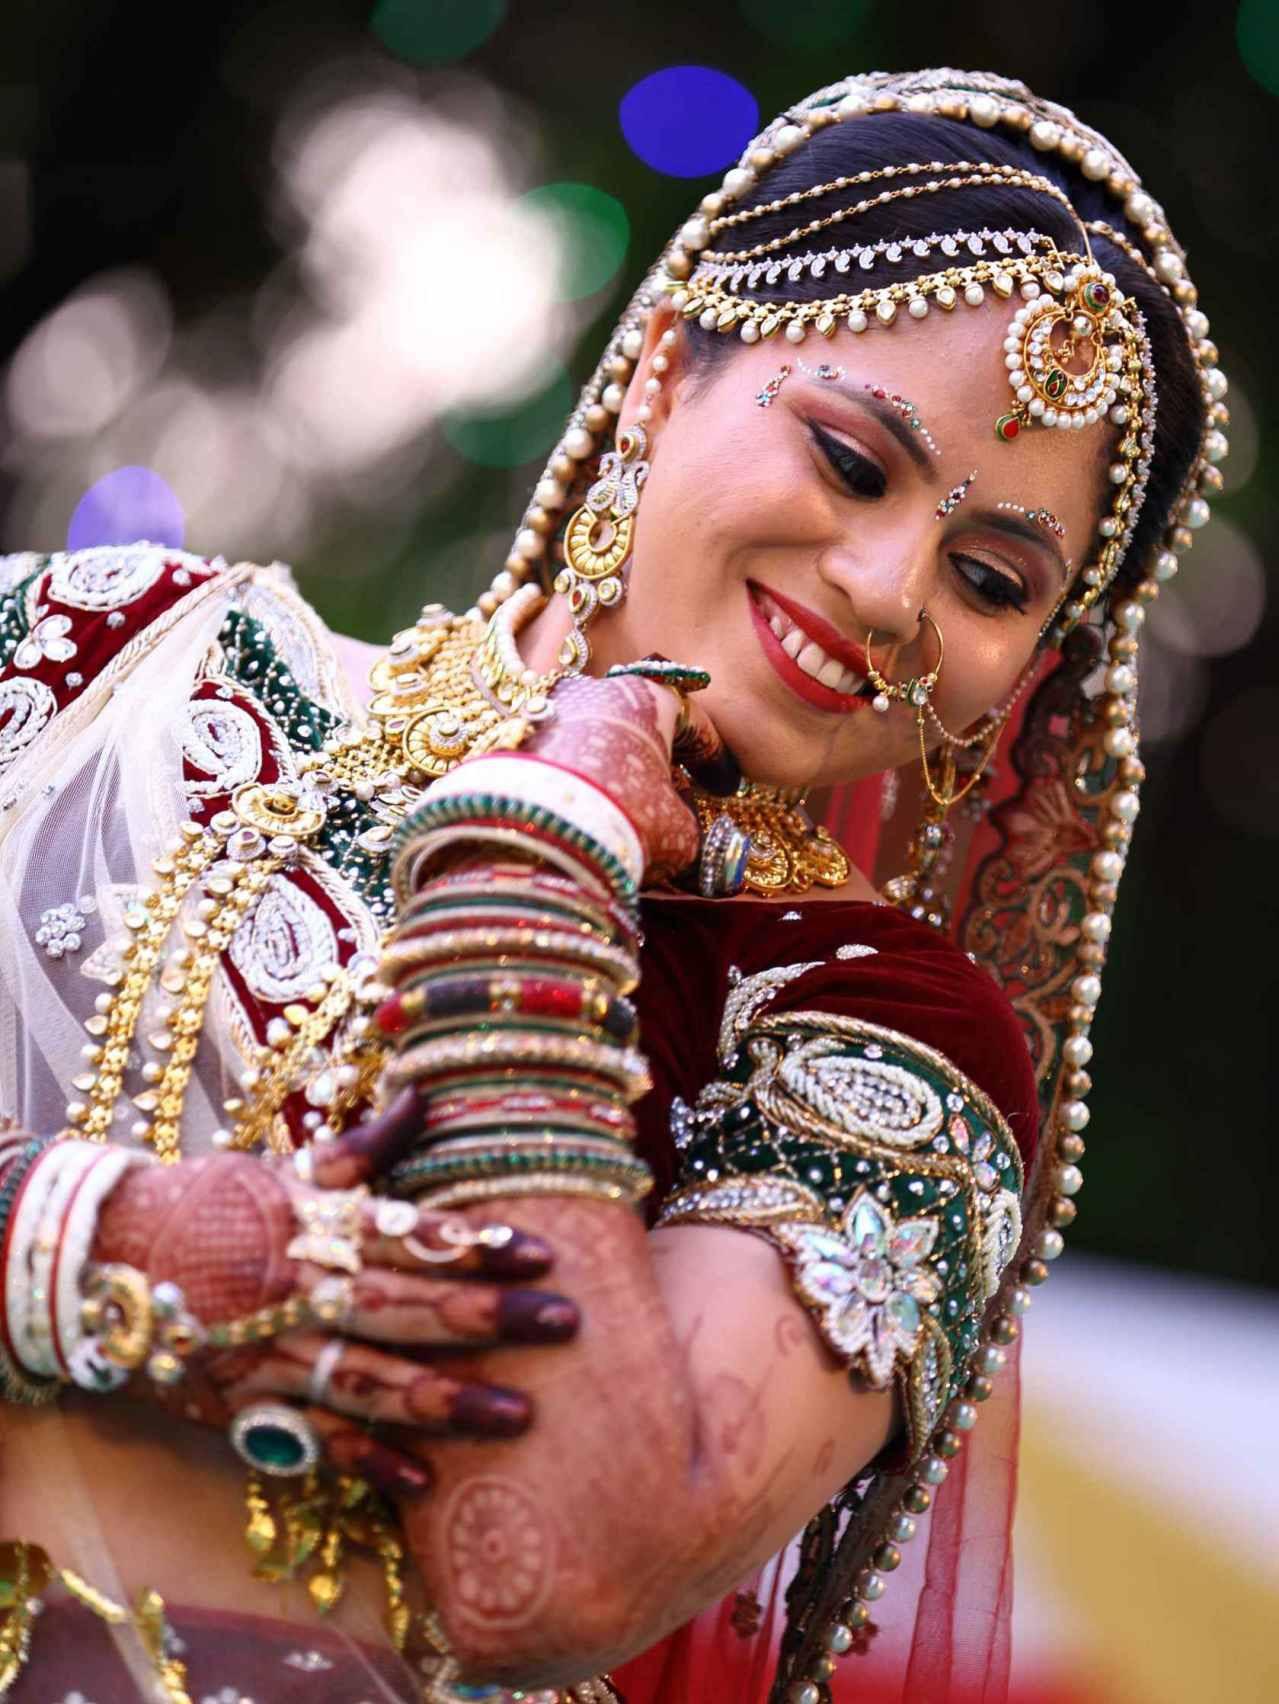 baju adat india